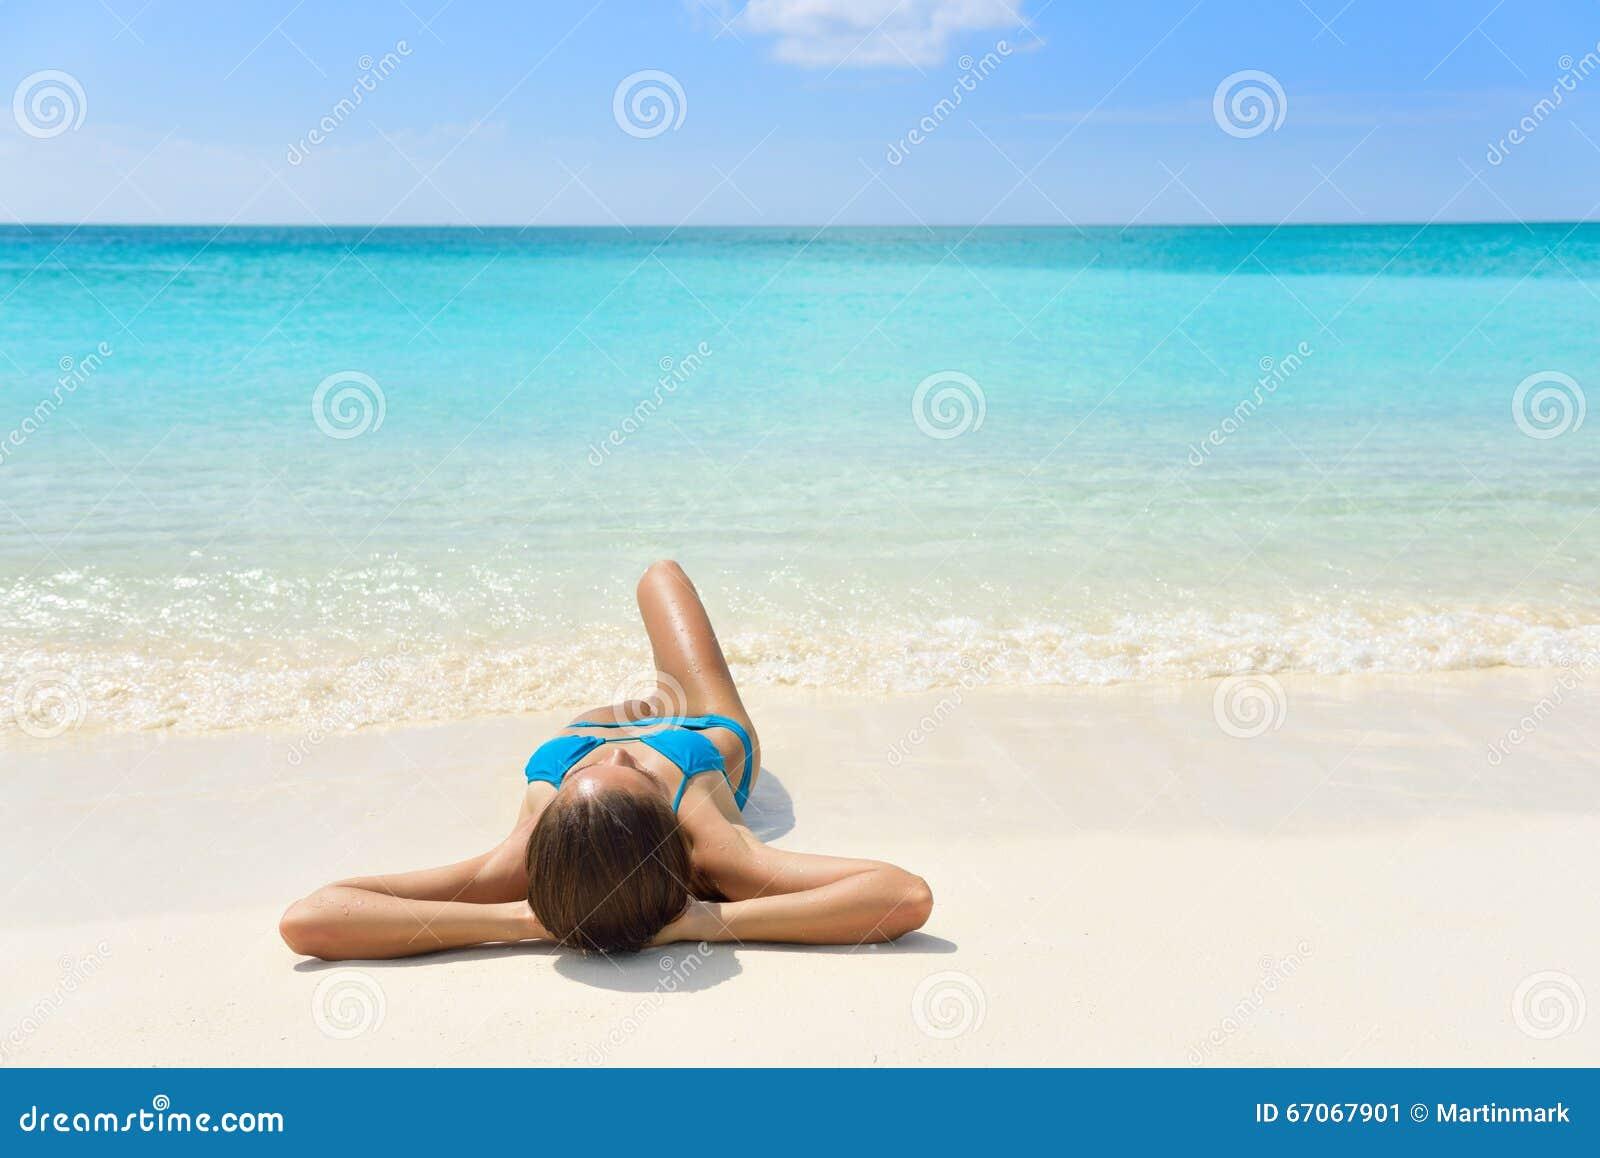 Karaiby plaży wakacje - suntan relaksu kobieta